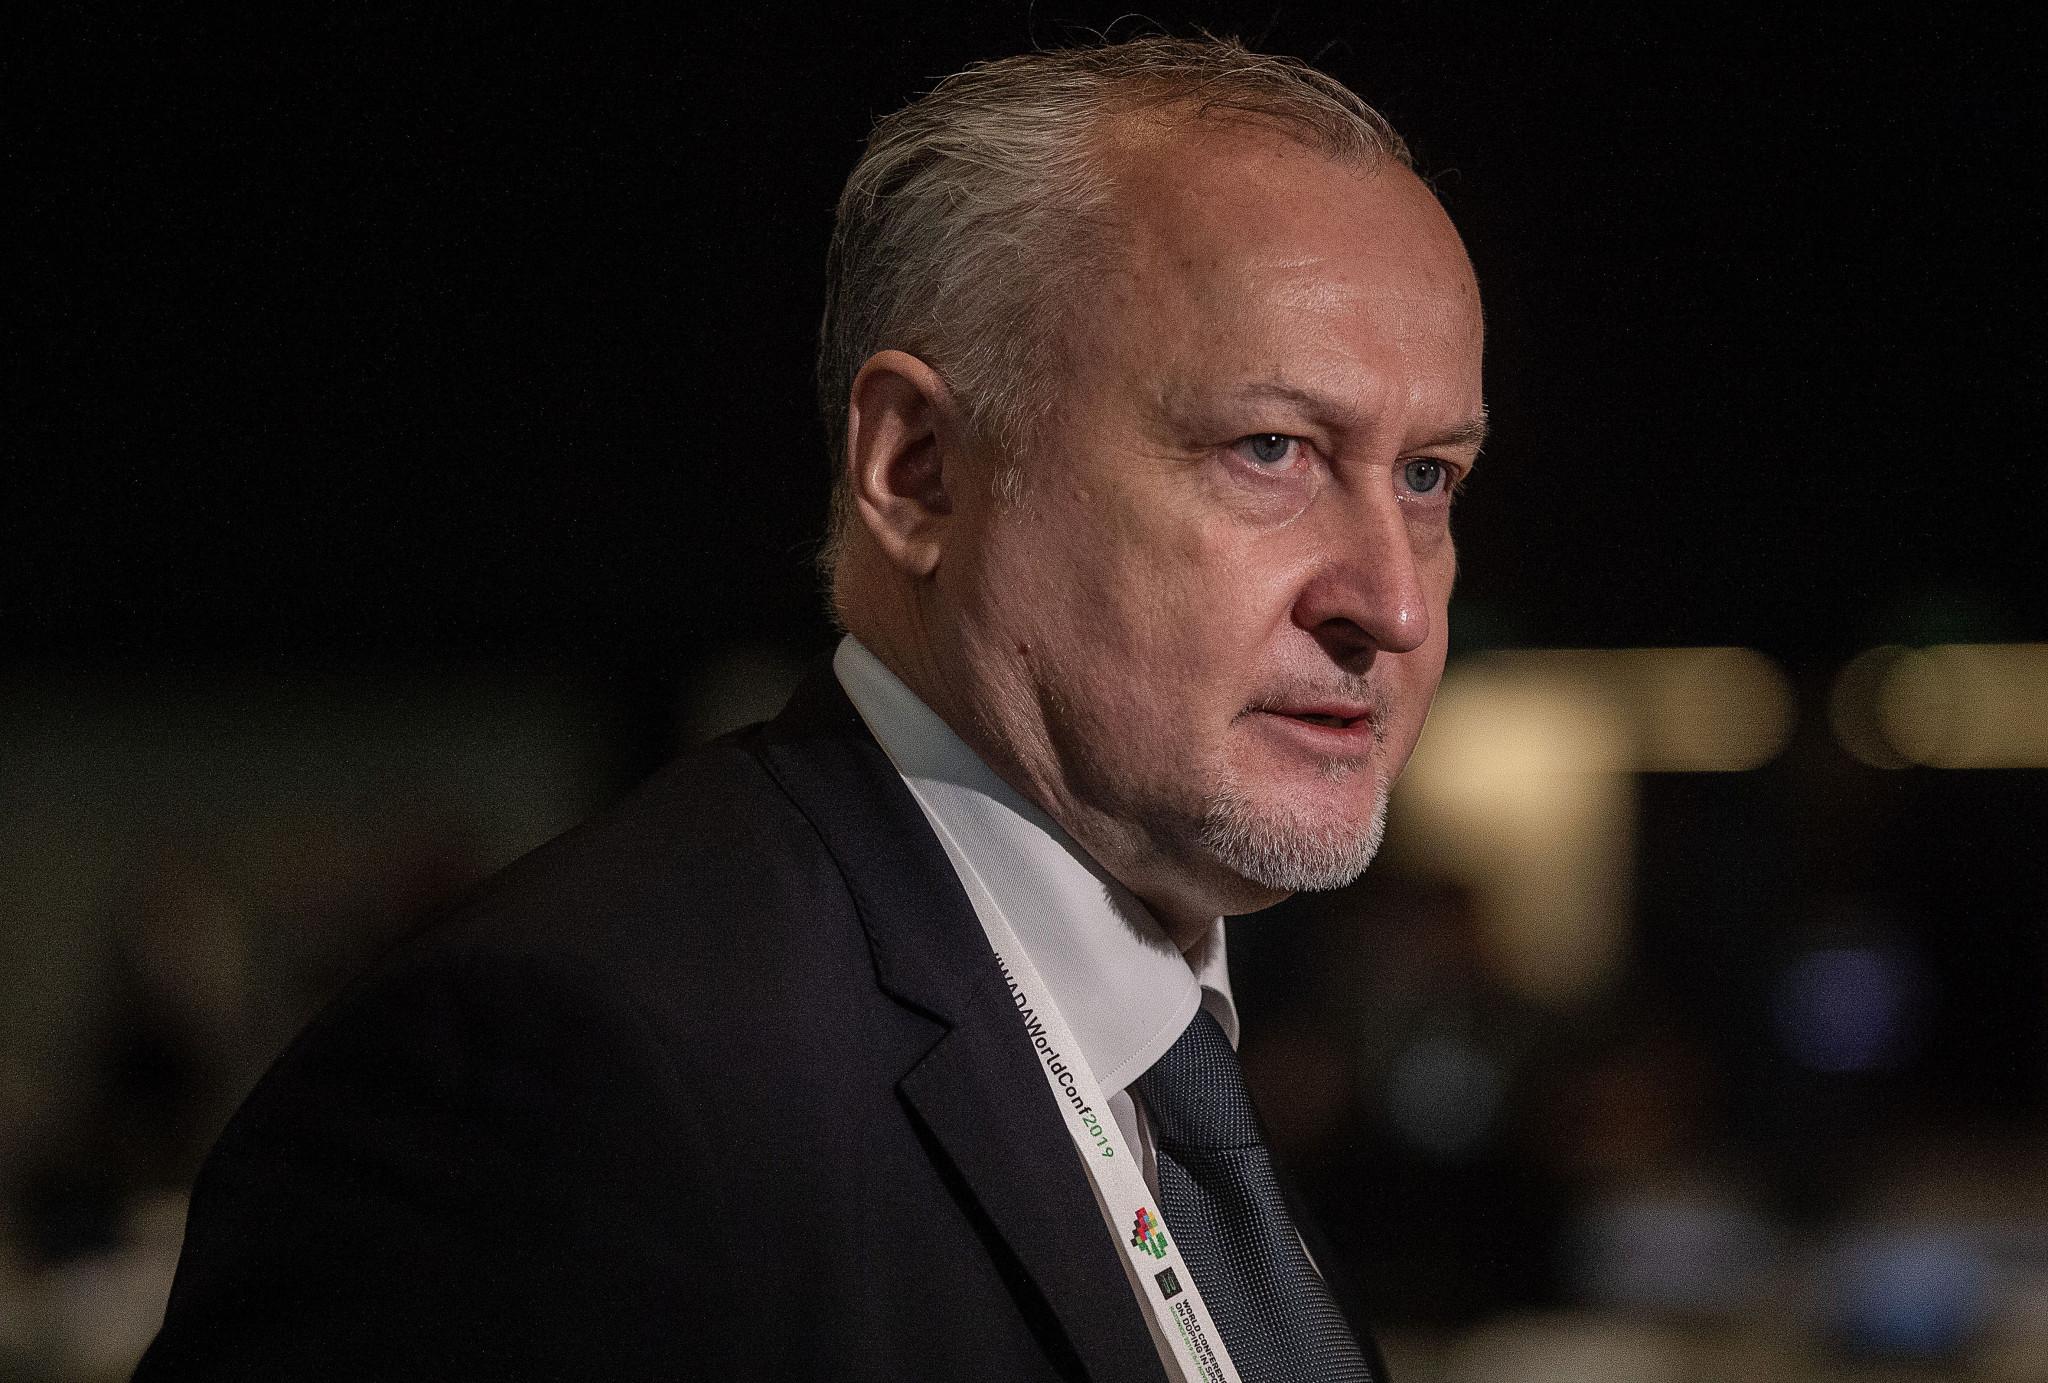 RUSADA director general Ganus denies allegations of corruption